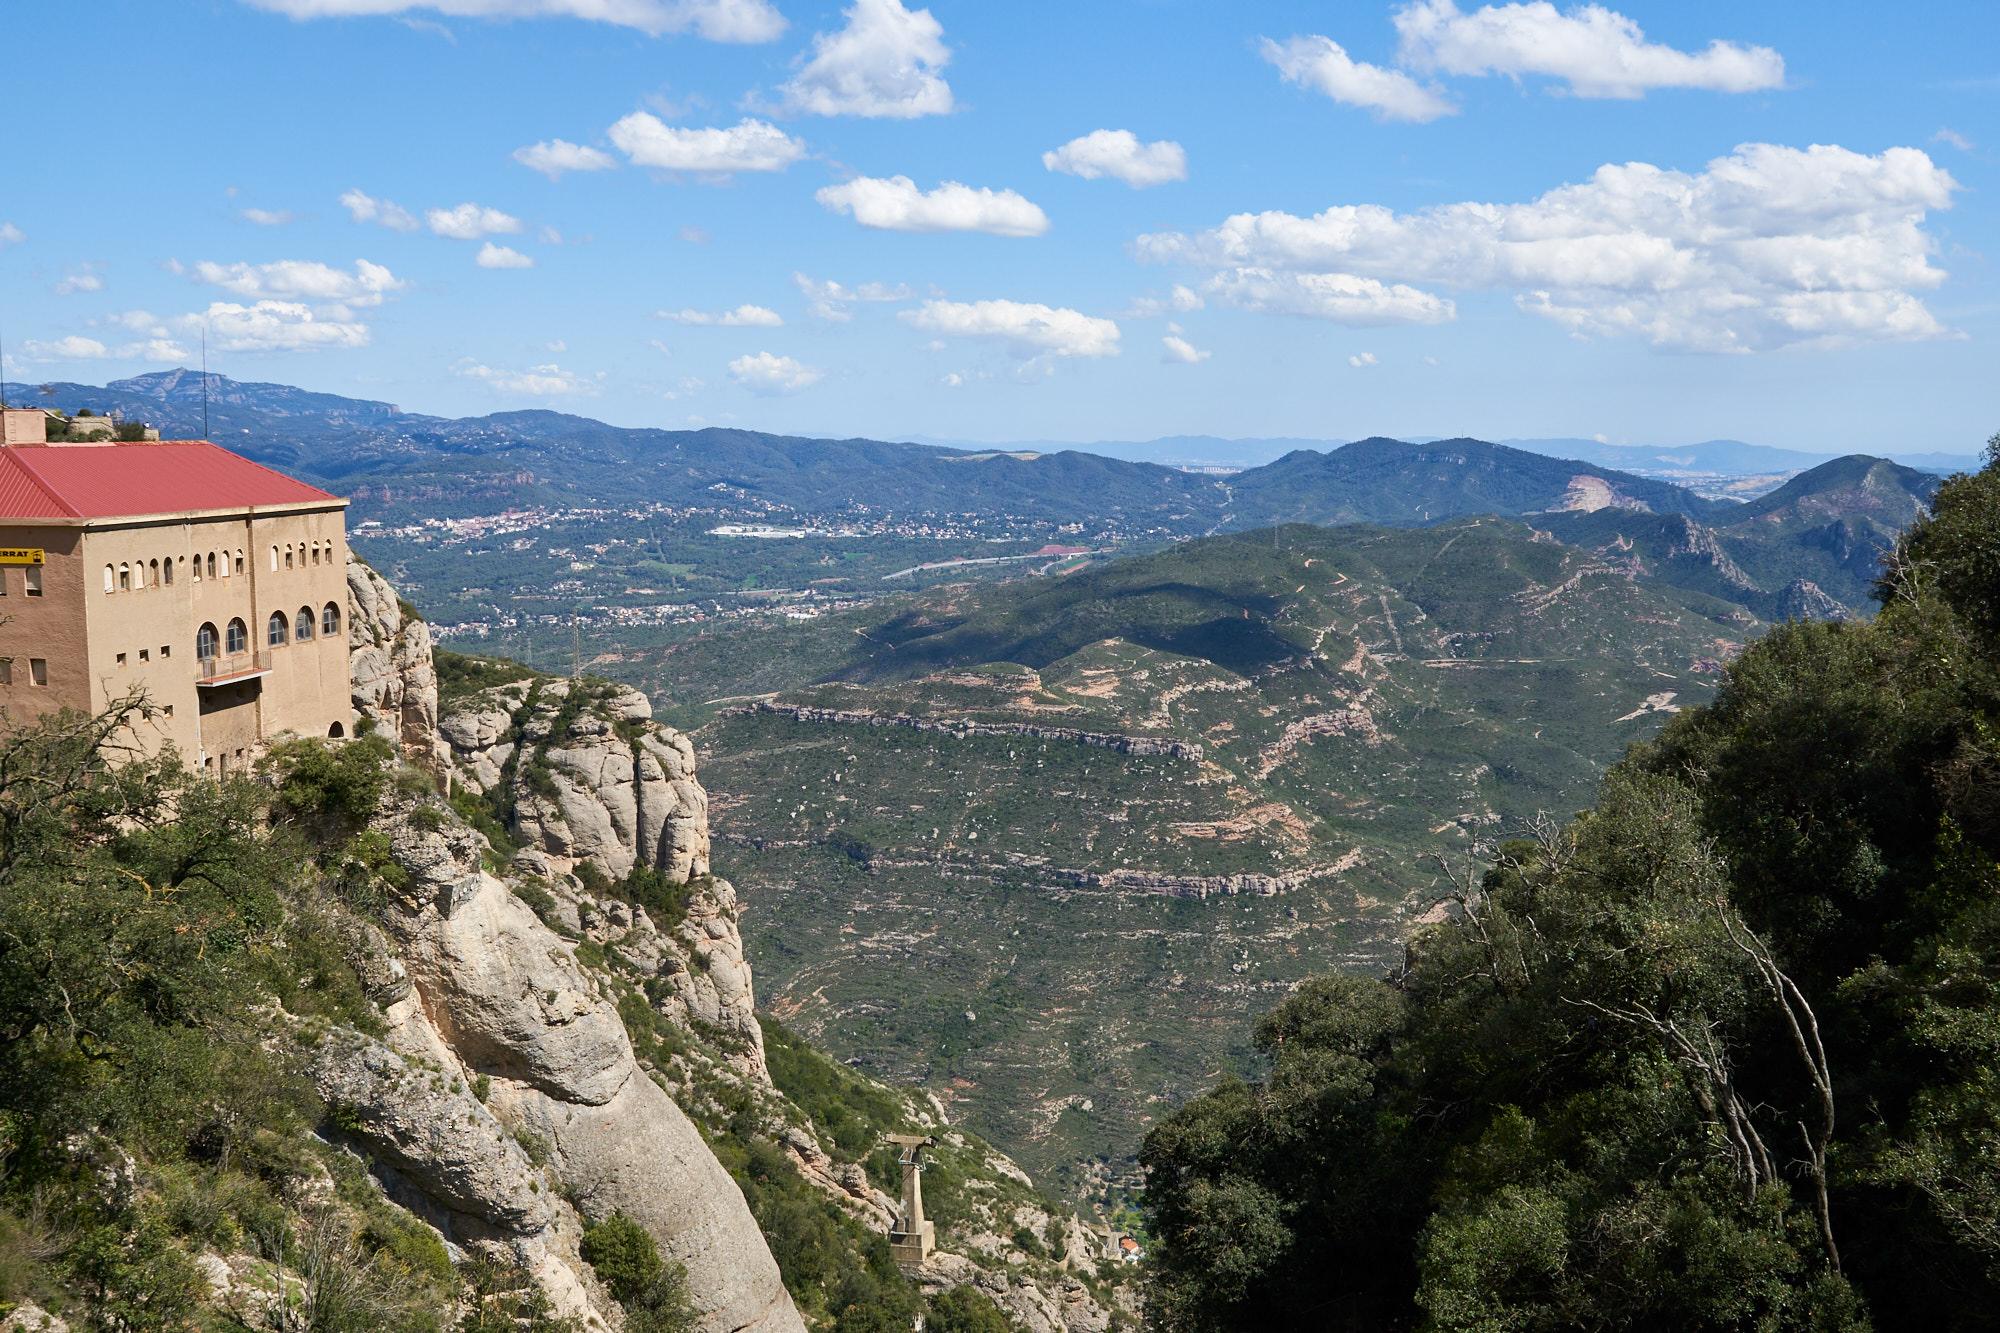 Monastery of Montserrat, Spain бесплатно